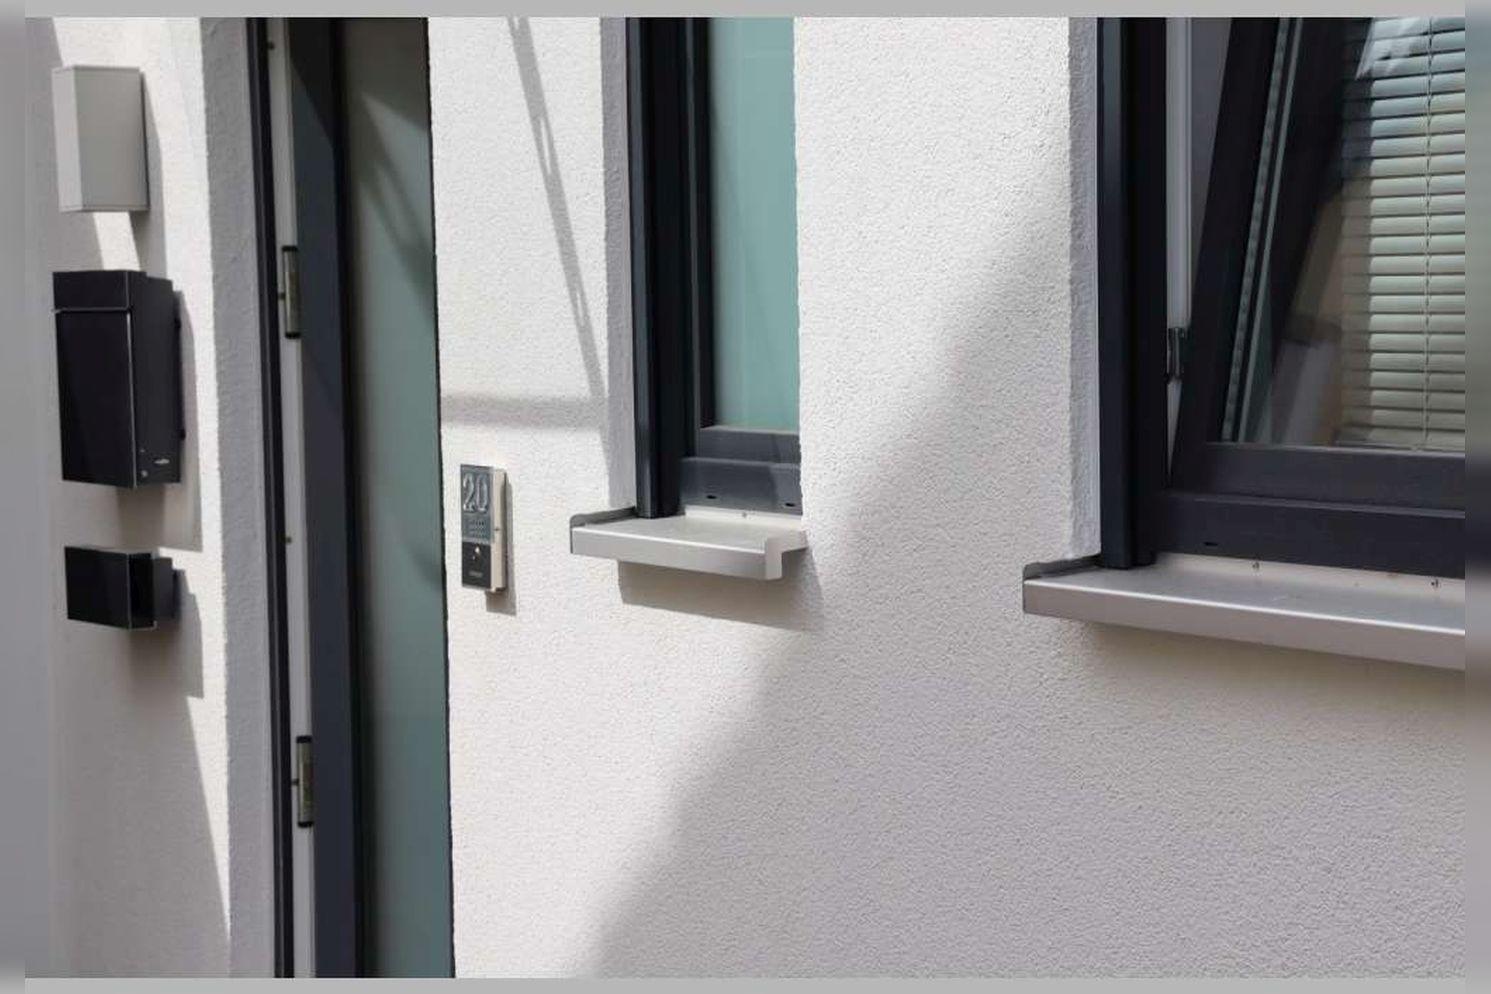 Immobilie Nr.0267 - Doppelhaushälfte mit 4 Zimmern, Küche, Diele, Badzimmer, Gäste-WC, Garten und Garage - nicht unterkellert - Bild 2.jpg